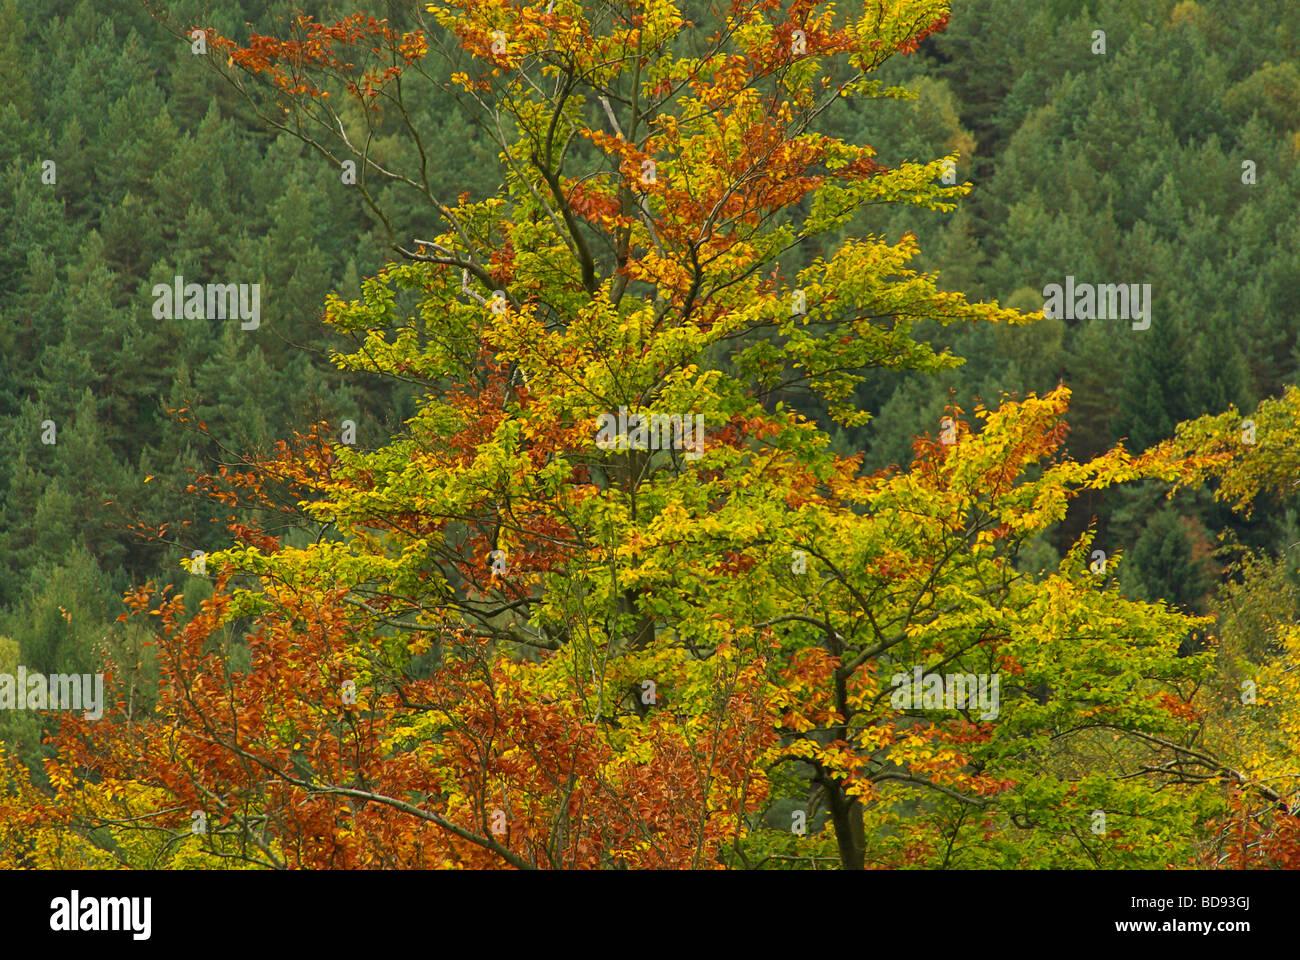 Buchenblatt Stock Photos & Buchenblatt Stock Images - Alamy